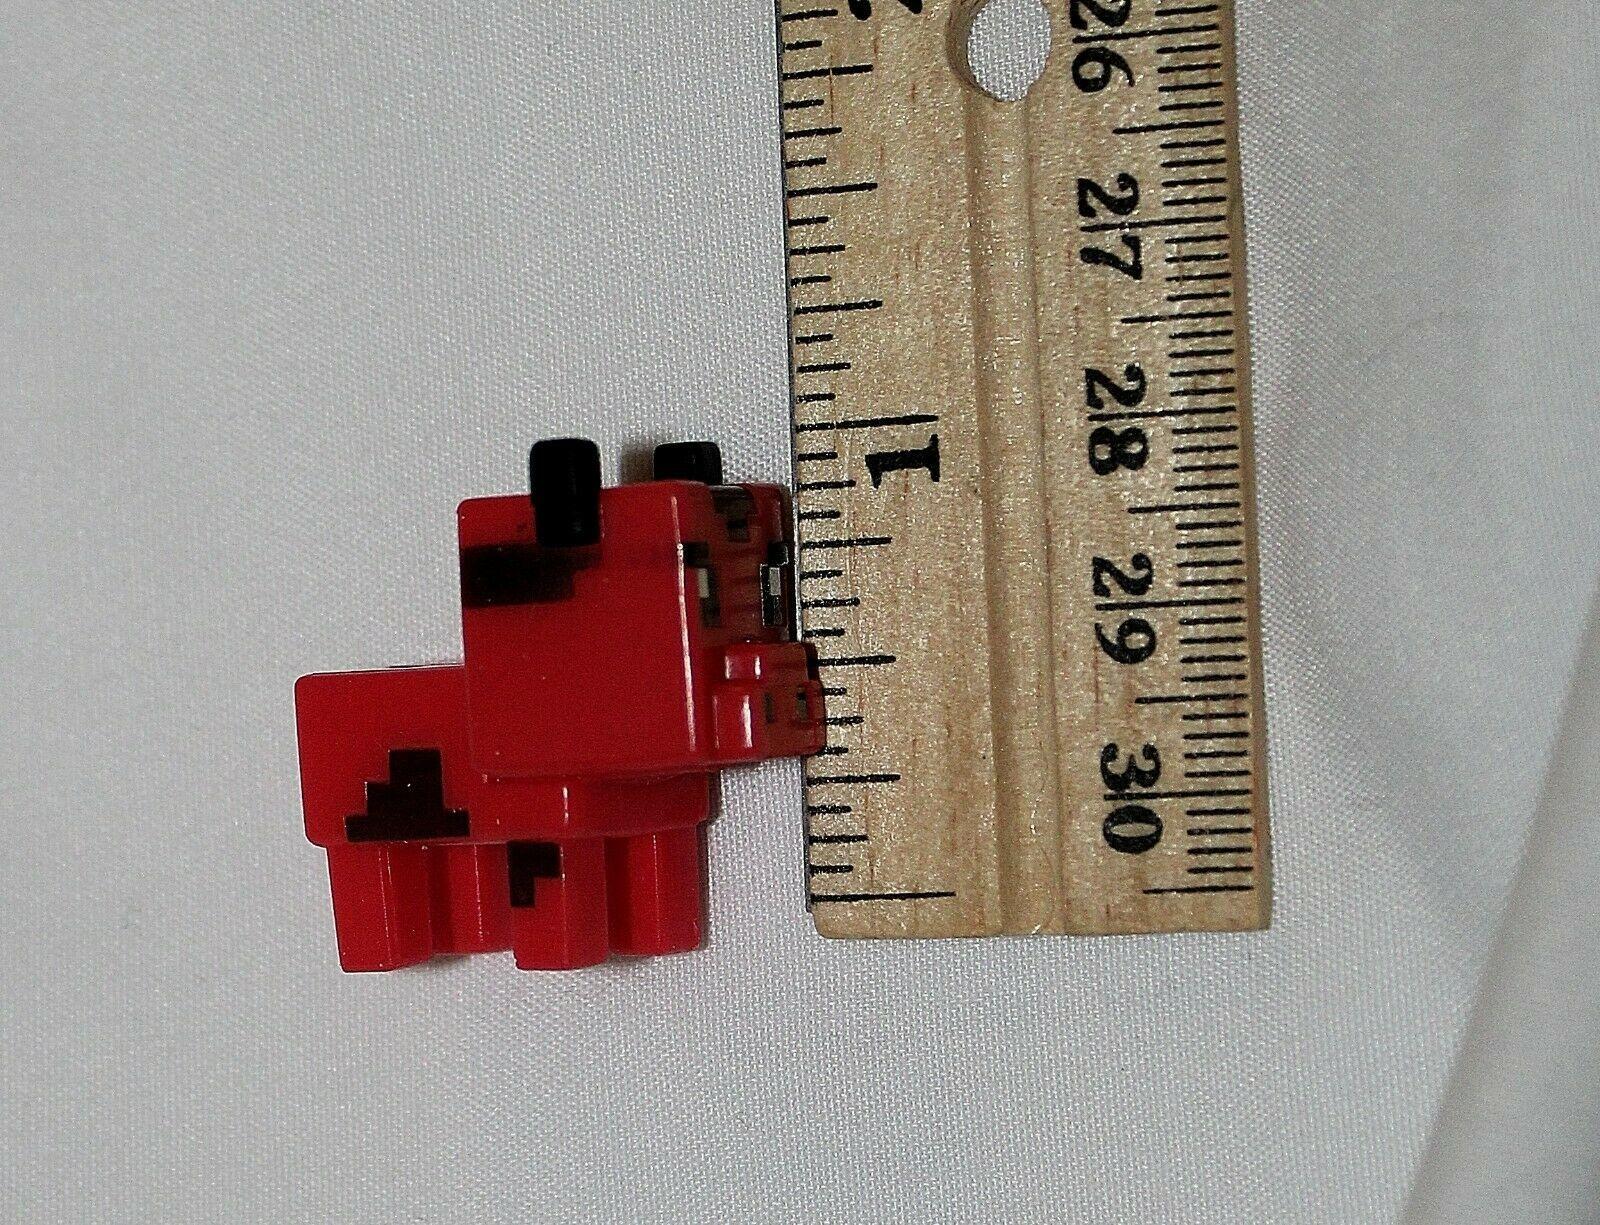 Nuovo Minecraft Mini Figure Spooky Serie 9 Infernal Muccato Figure Mini Creeper